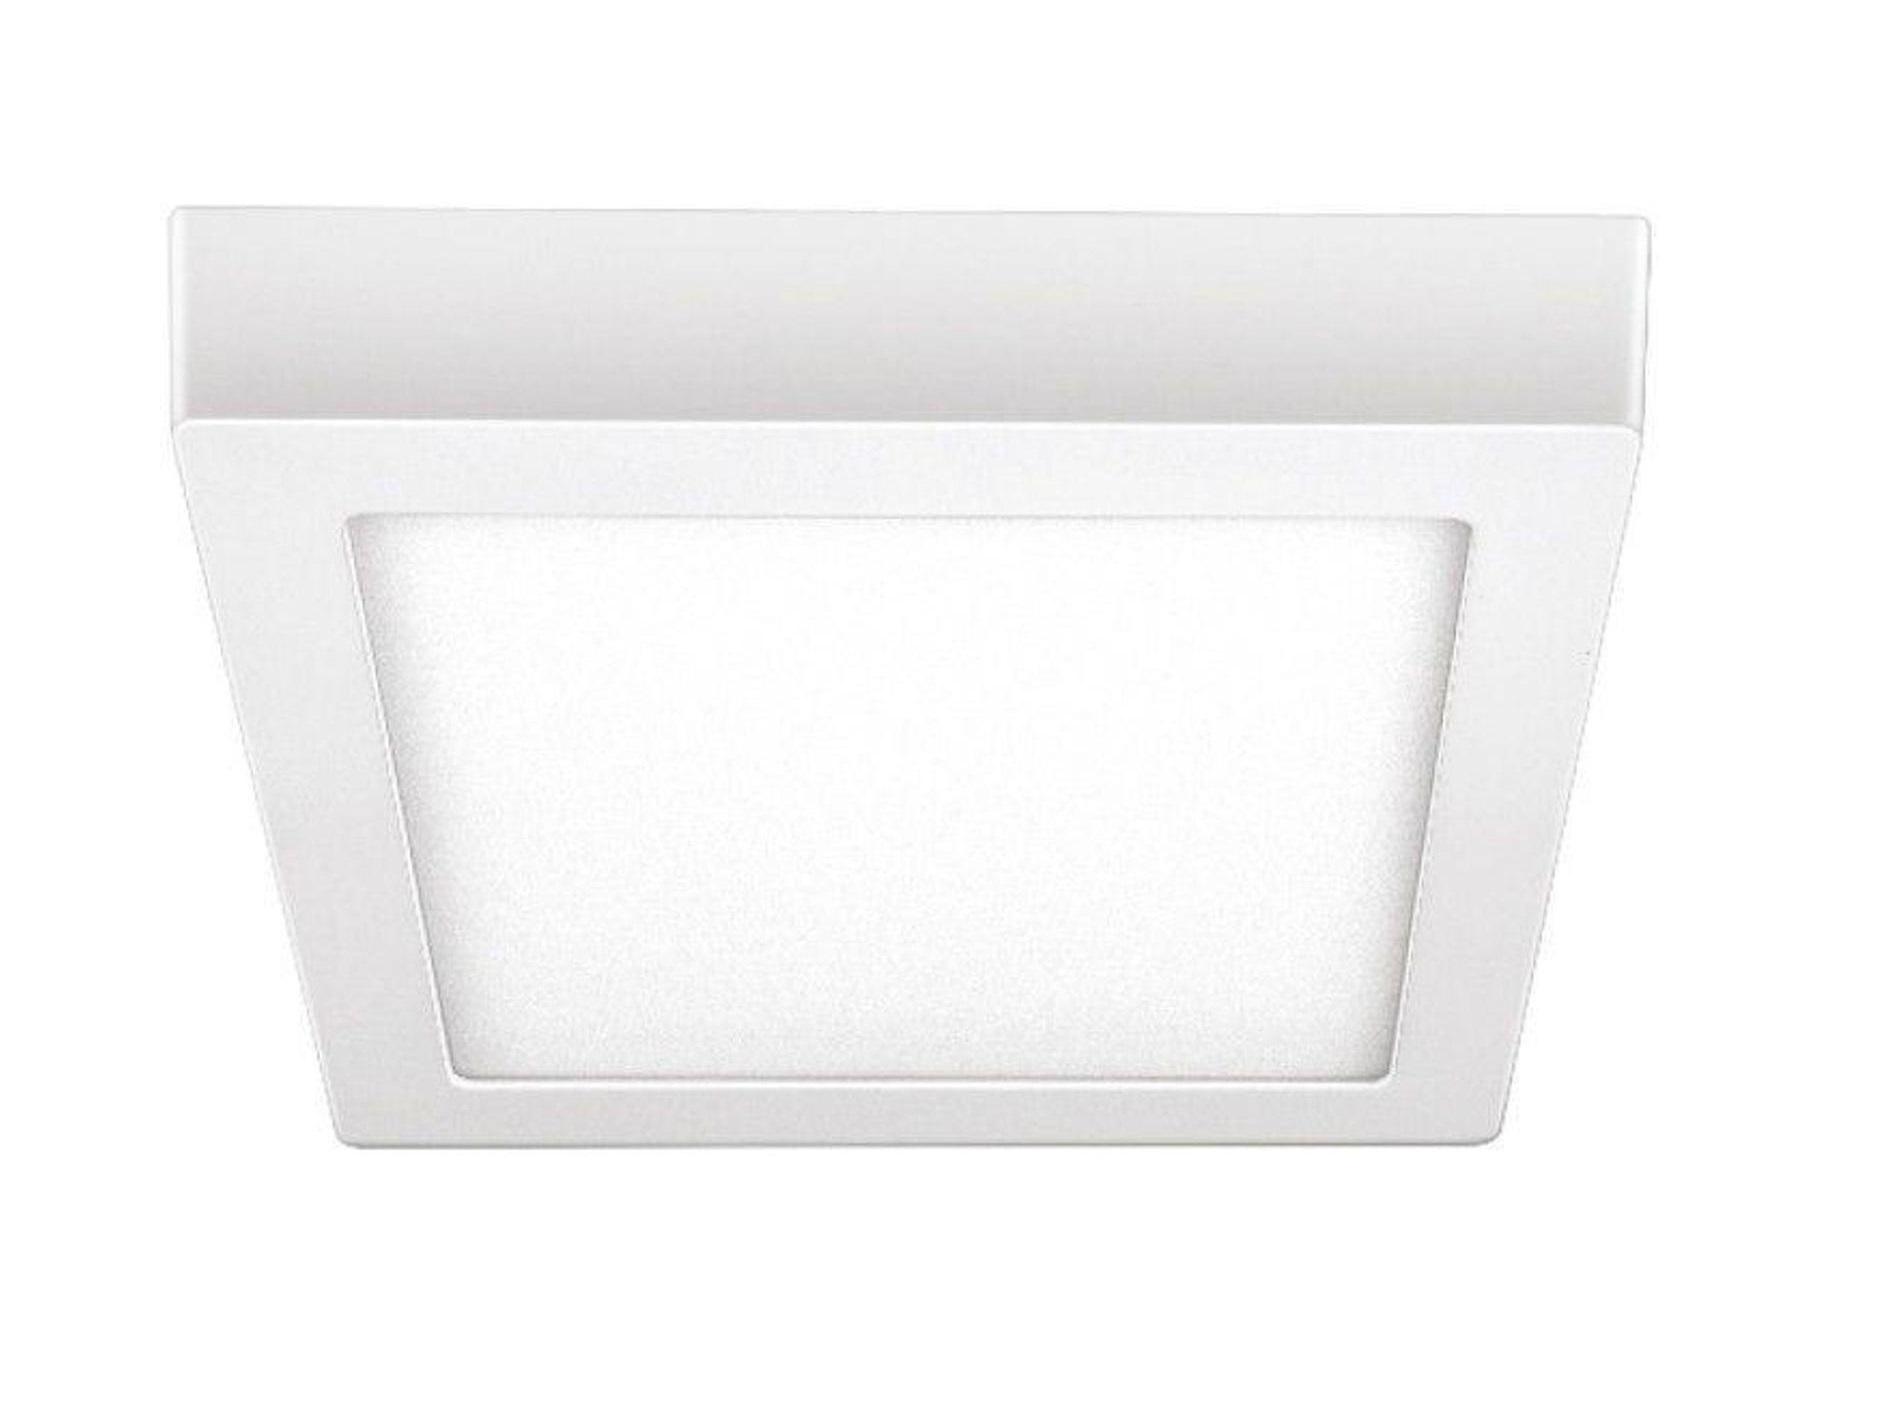 Luminária painel Led de sobrepor quadrado 18W 6500K Fria bivolt Elgin  - Mix Eletro